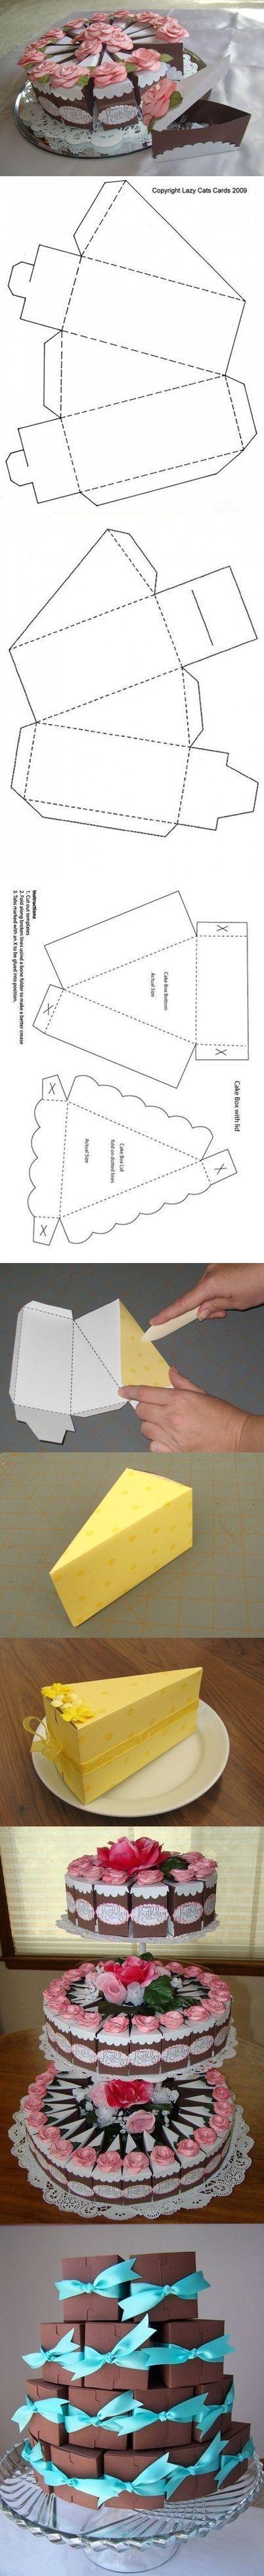 Kartondan Şekiller ve Yapılışları ,  #kartonkutukaplama #kartondangeometrikşekillernasılyapılır #kartondanneleryapılır #kartondansüsler , Kartondan şekiller veyapılan süsler ile birçok çalışma yapabilirsiniz. Çocuklarımıza etkinlik fikirleri hazırlayabilirsiniz. Civciler, ge...